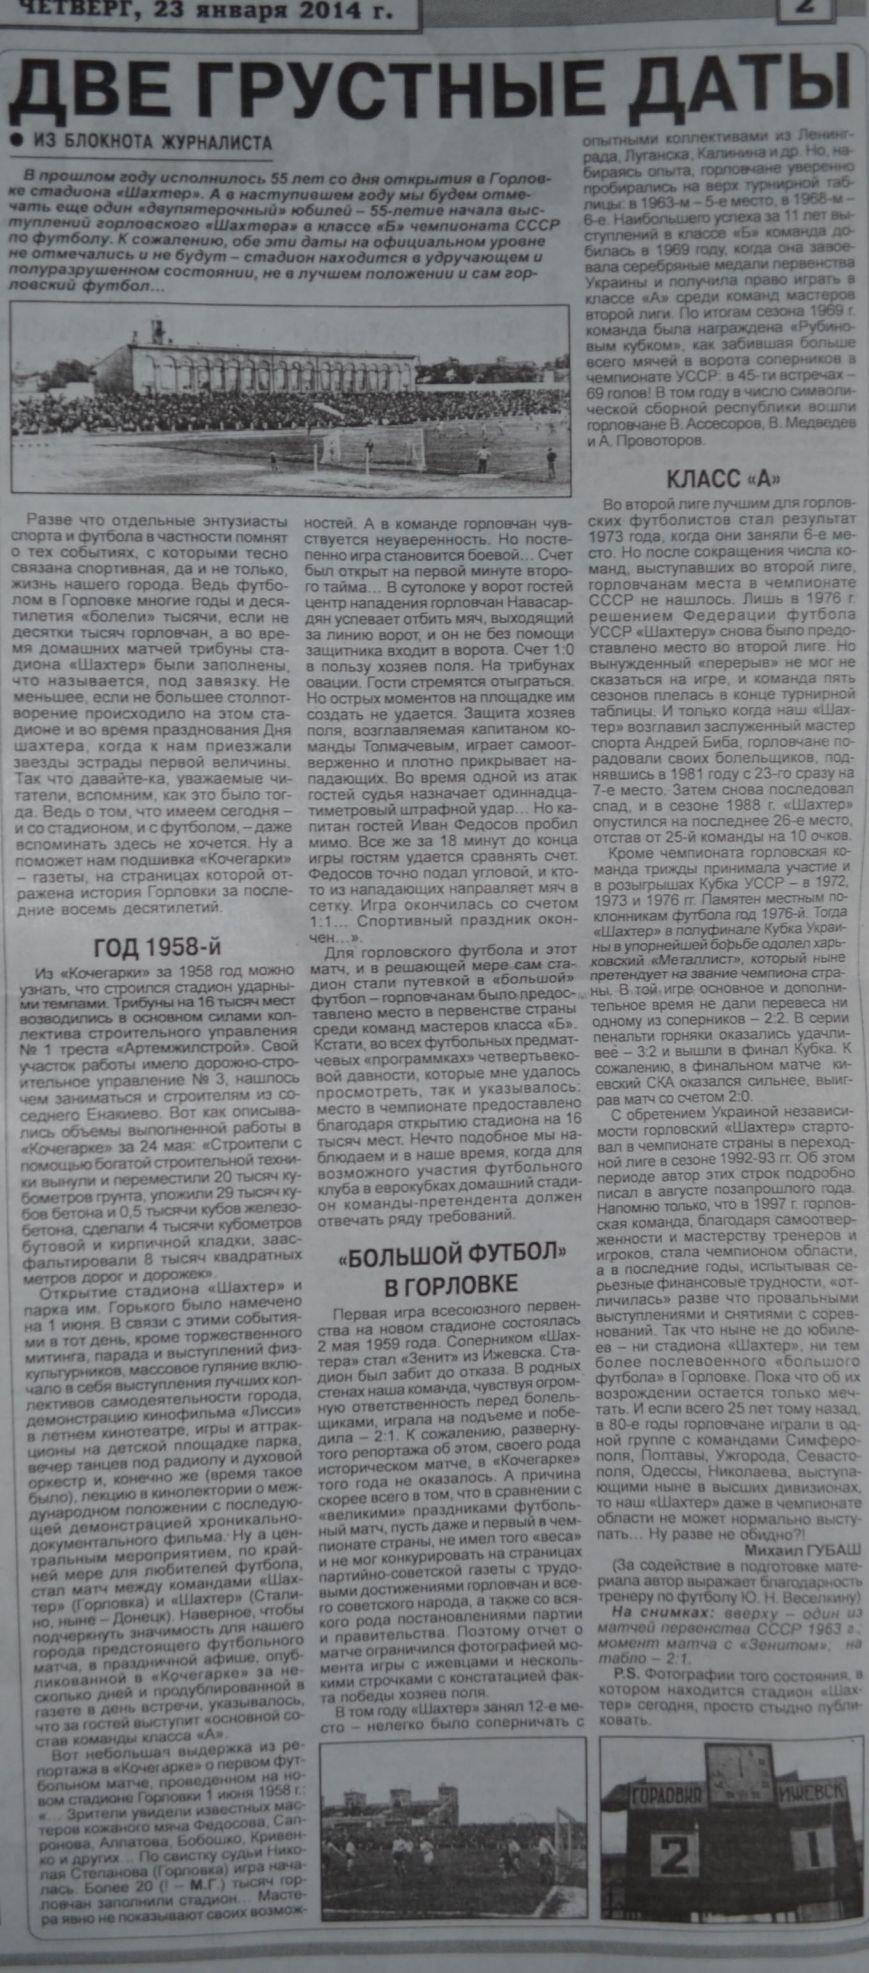 Горловские газеты пишут о горловском «Шахтёре», безопасности на «Стироле» и приватизации шахт, фото-1